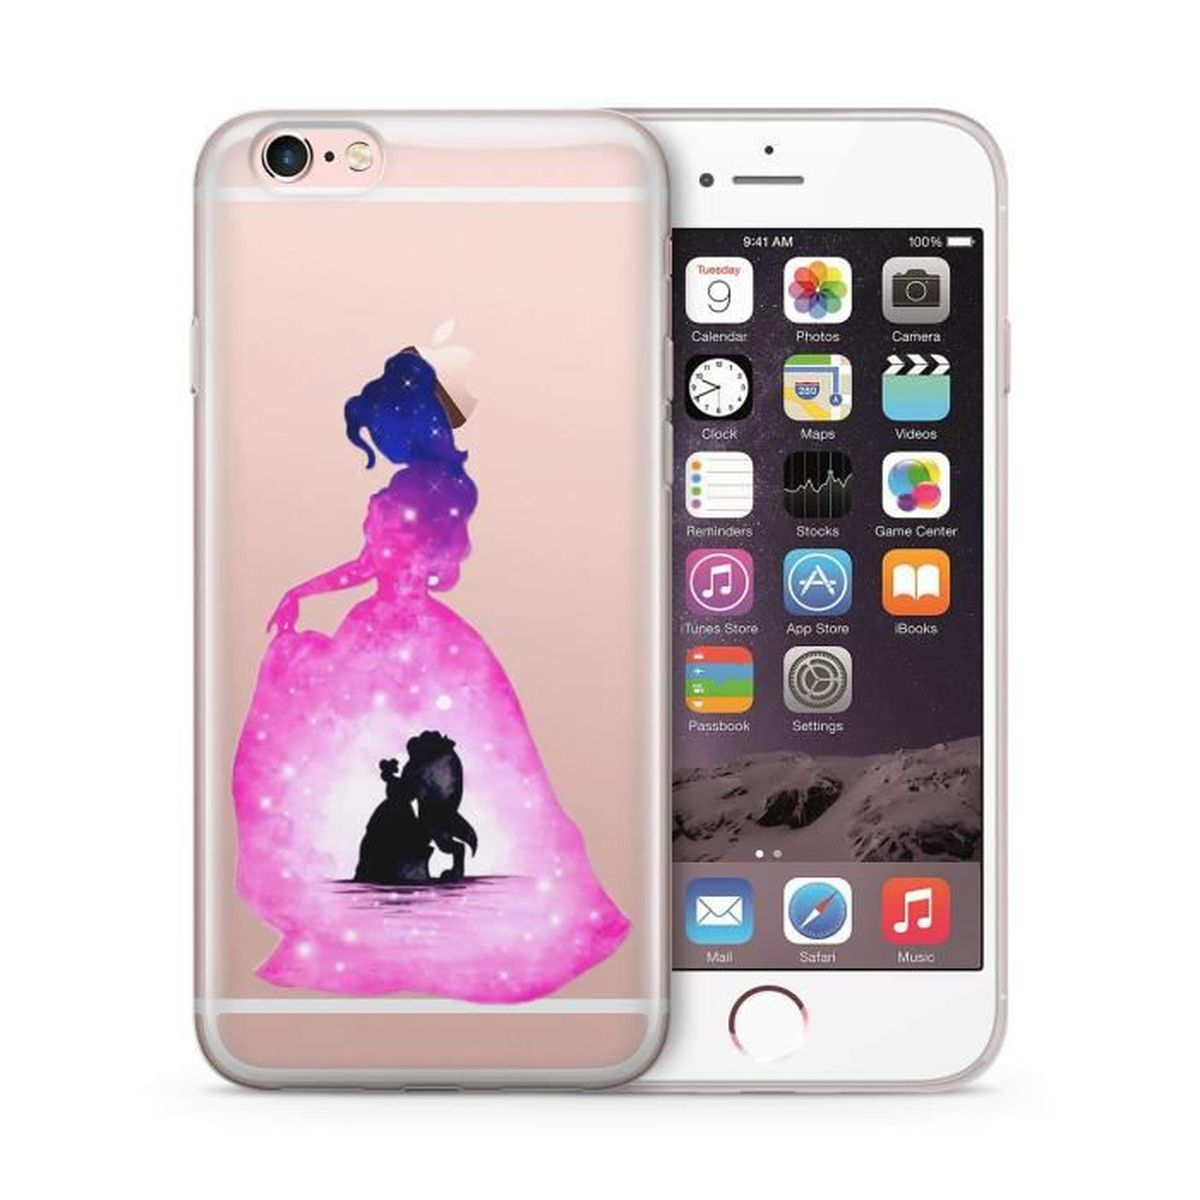 coque iphone 5 5s sillicone disney la belle et la